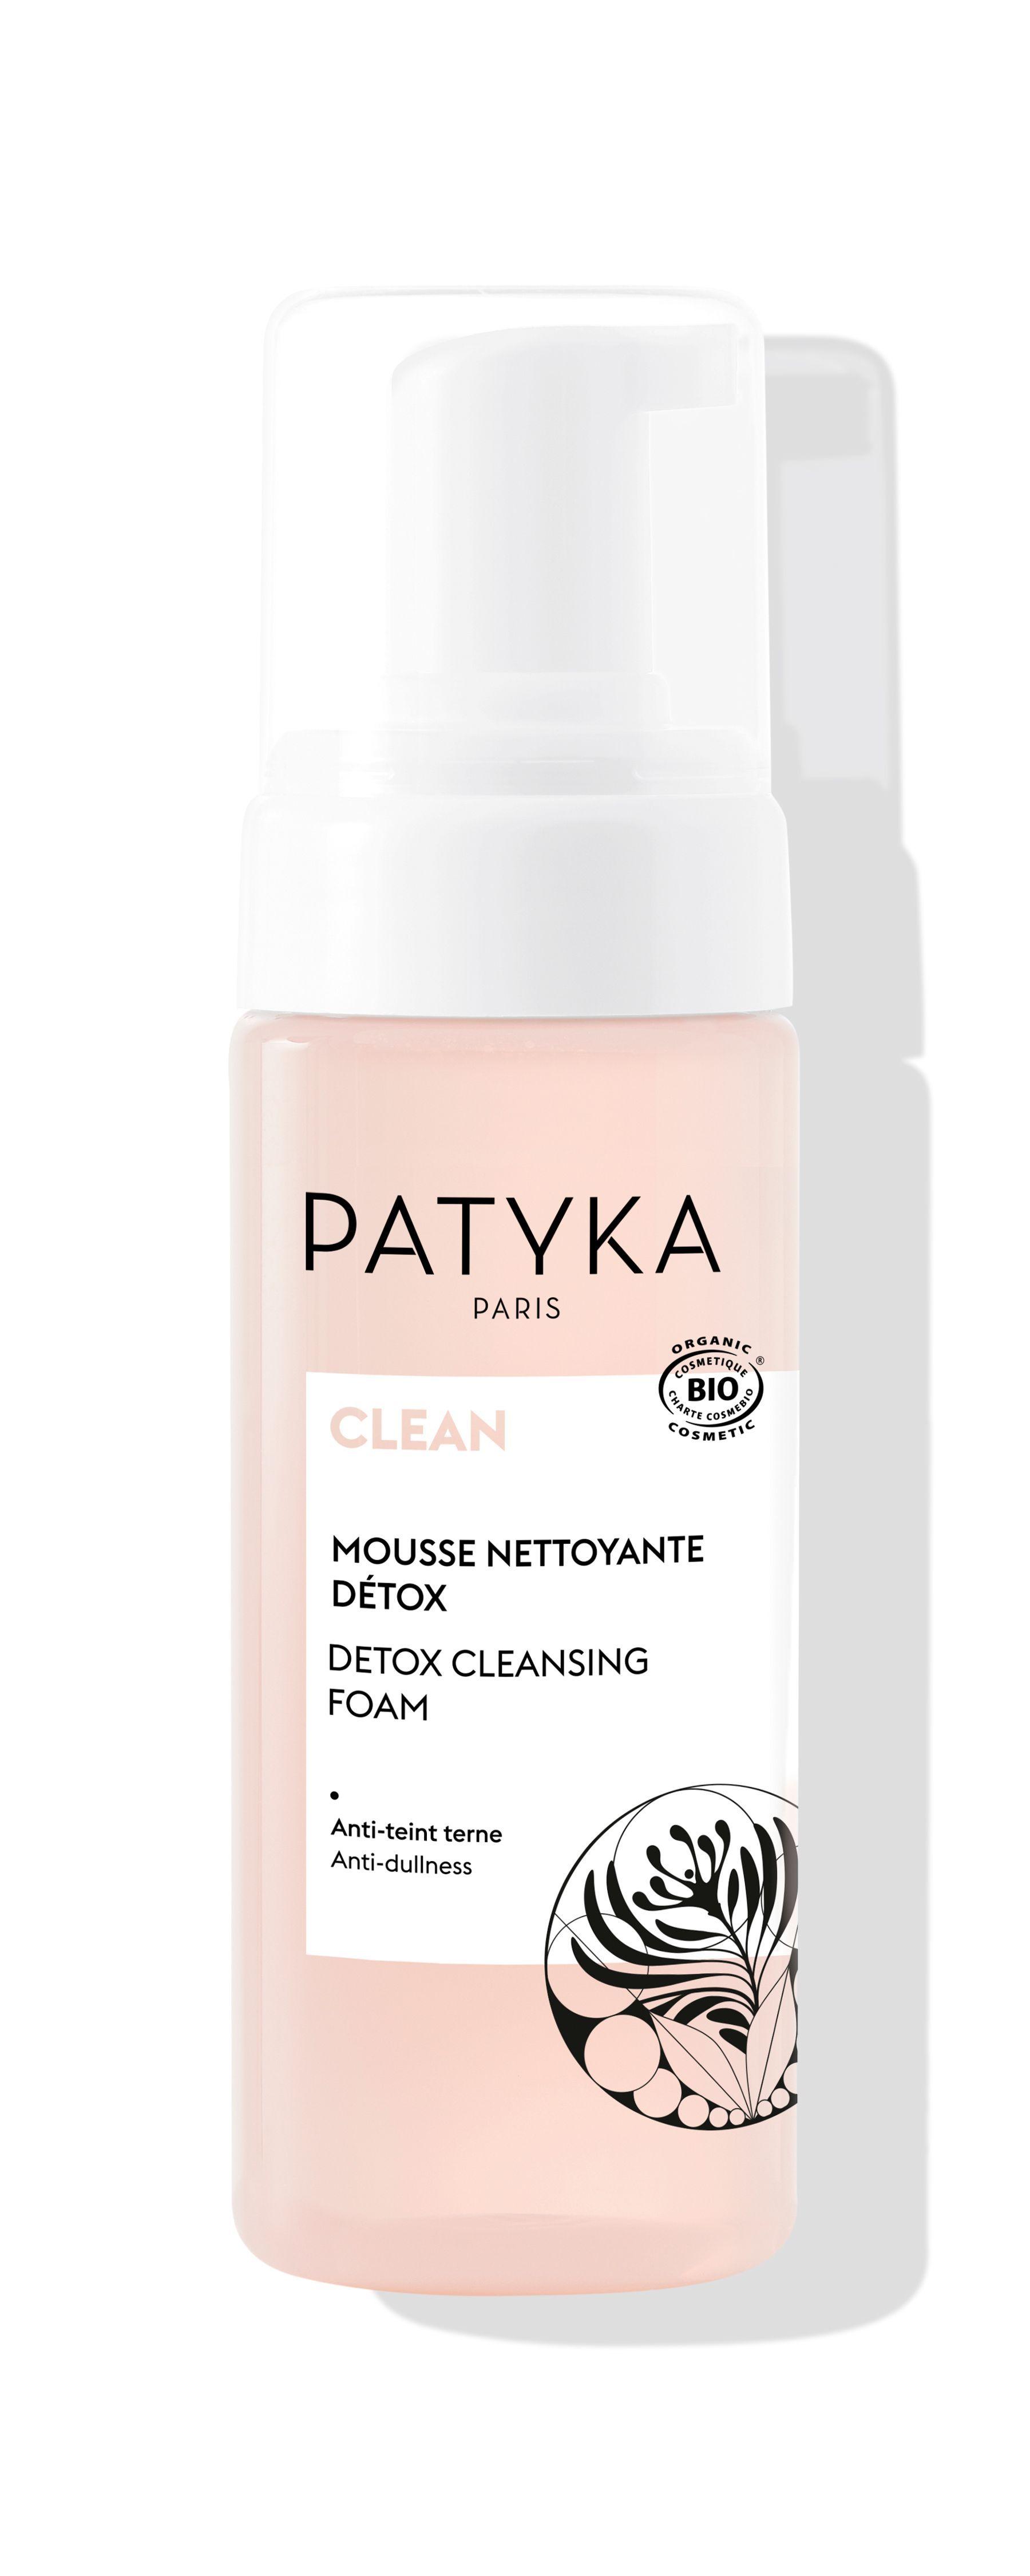 PATYKA - CLEAN - Mousse Nettoyante Détox